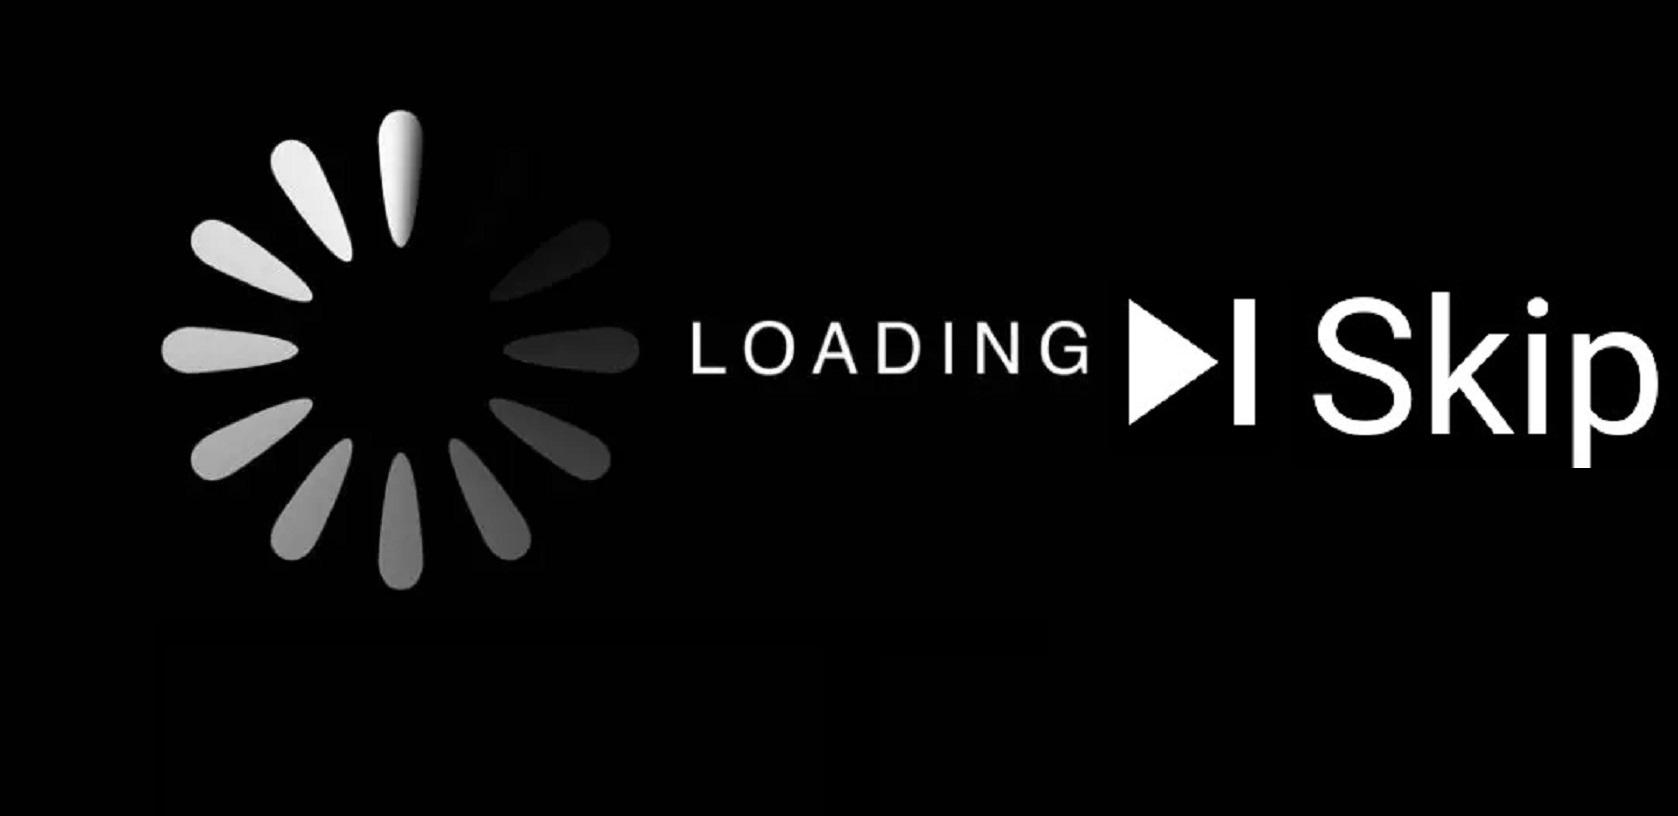 preroll - Radio. Preroll: tempi duri in arrivo? Alcune importanti piattaforme starebbero per introdurre algoritmi che li bloccano